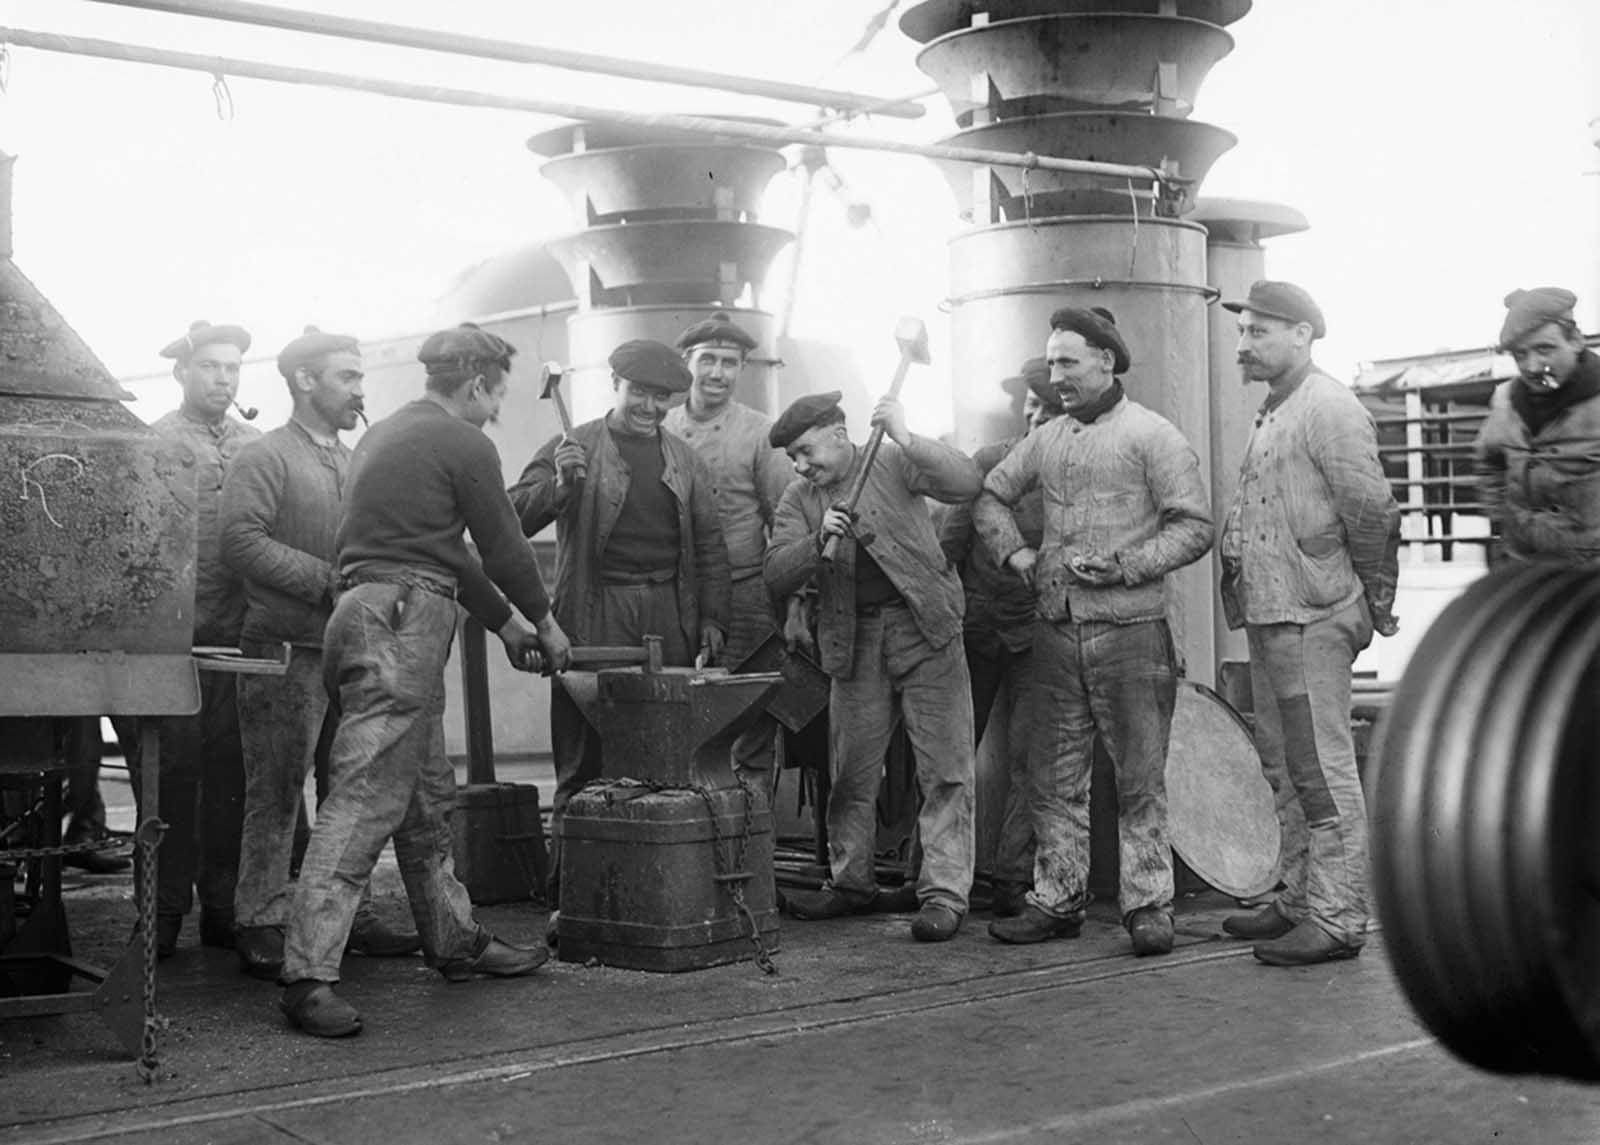 Los marineros a bordo del crucero francés Amiral Aube posan para una fotografía en un yunque atado a la cubierta.